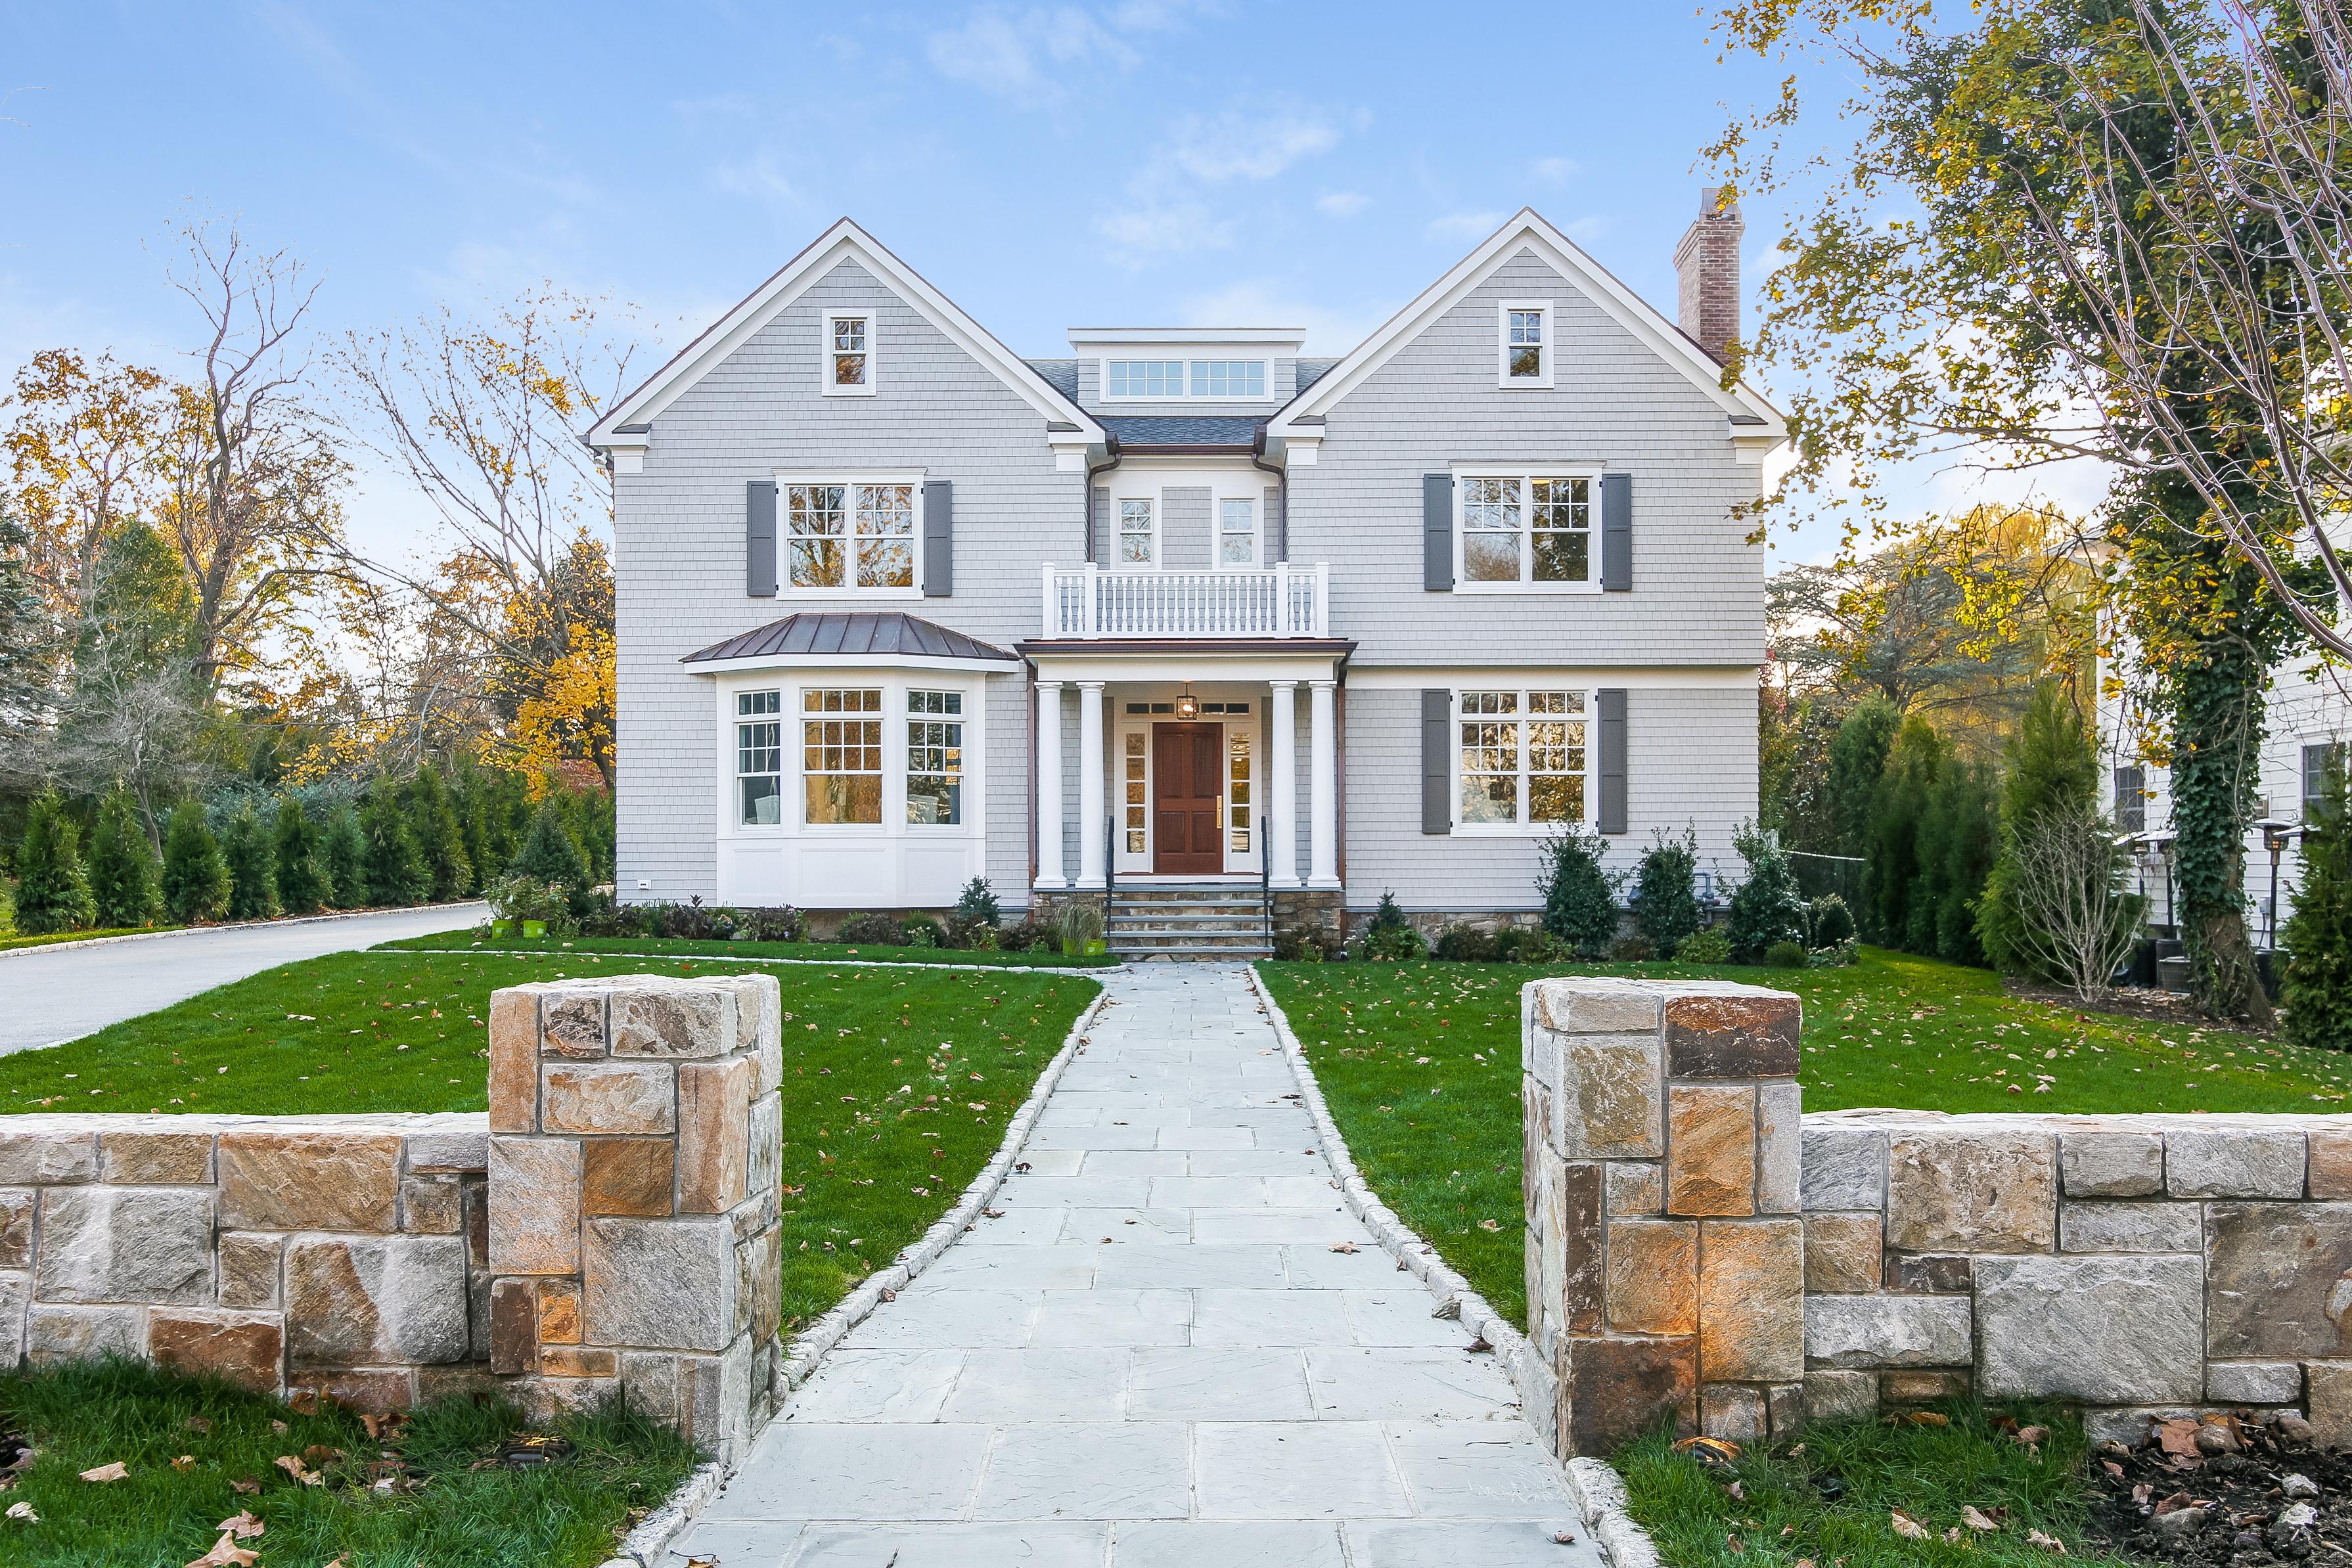 独户住宅 为 销售 在 351 Park Avenue 拉伊, 纽约州, 10580 美国